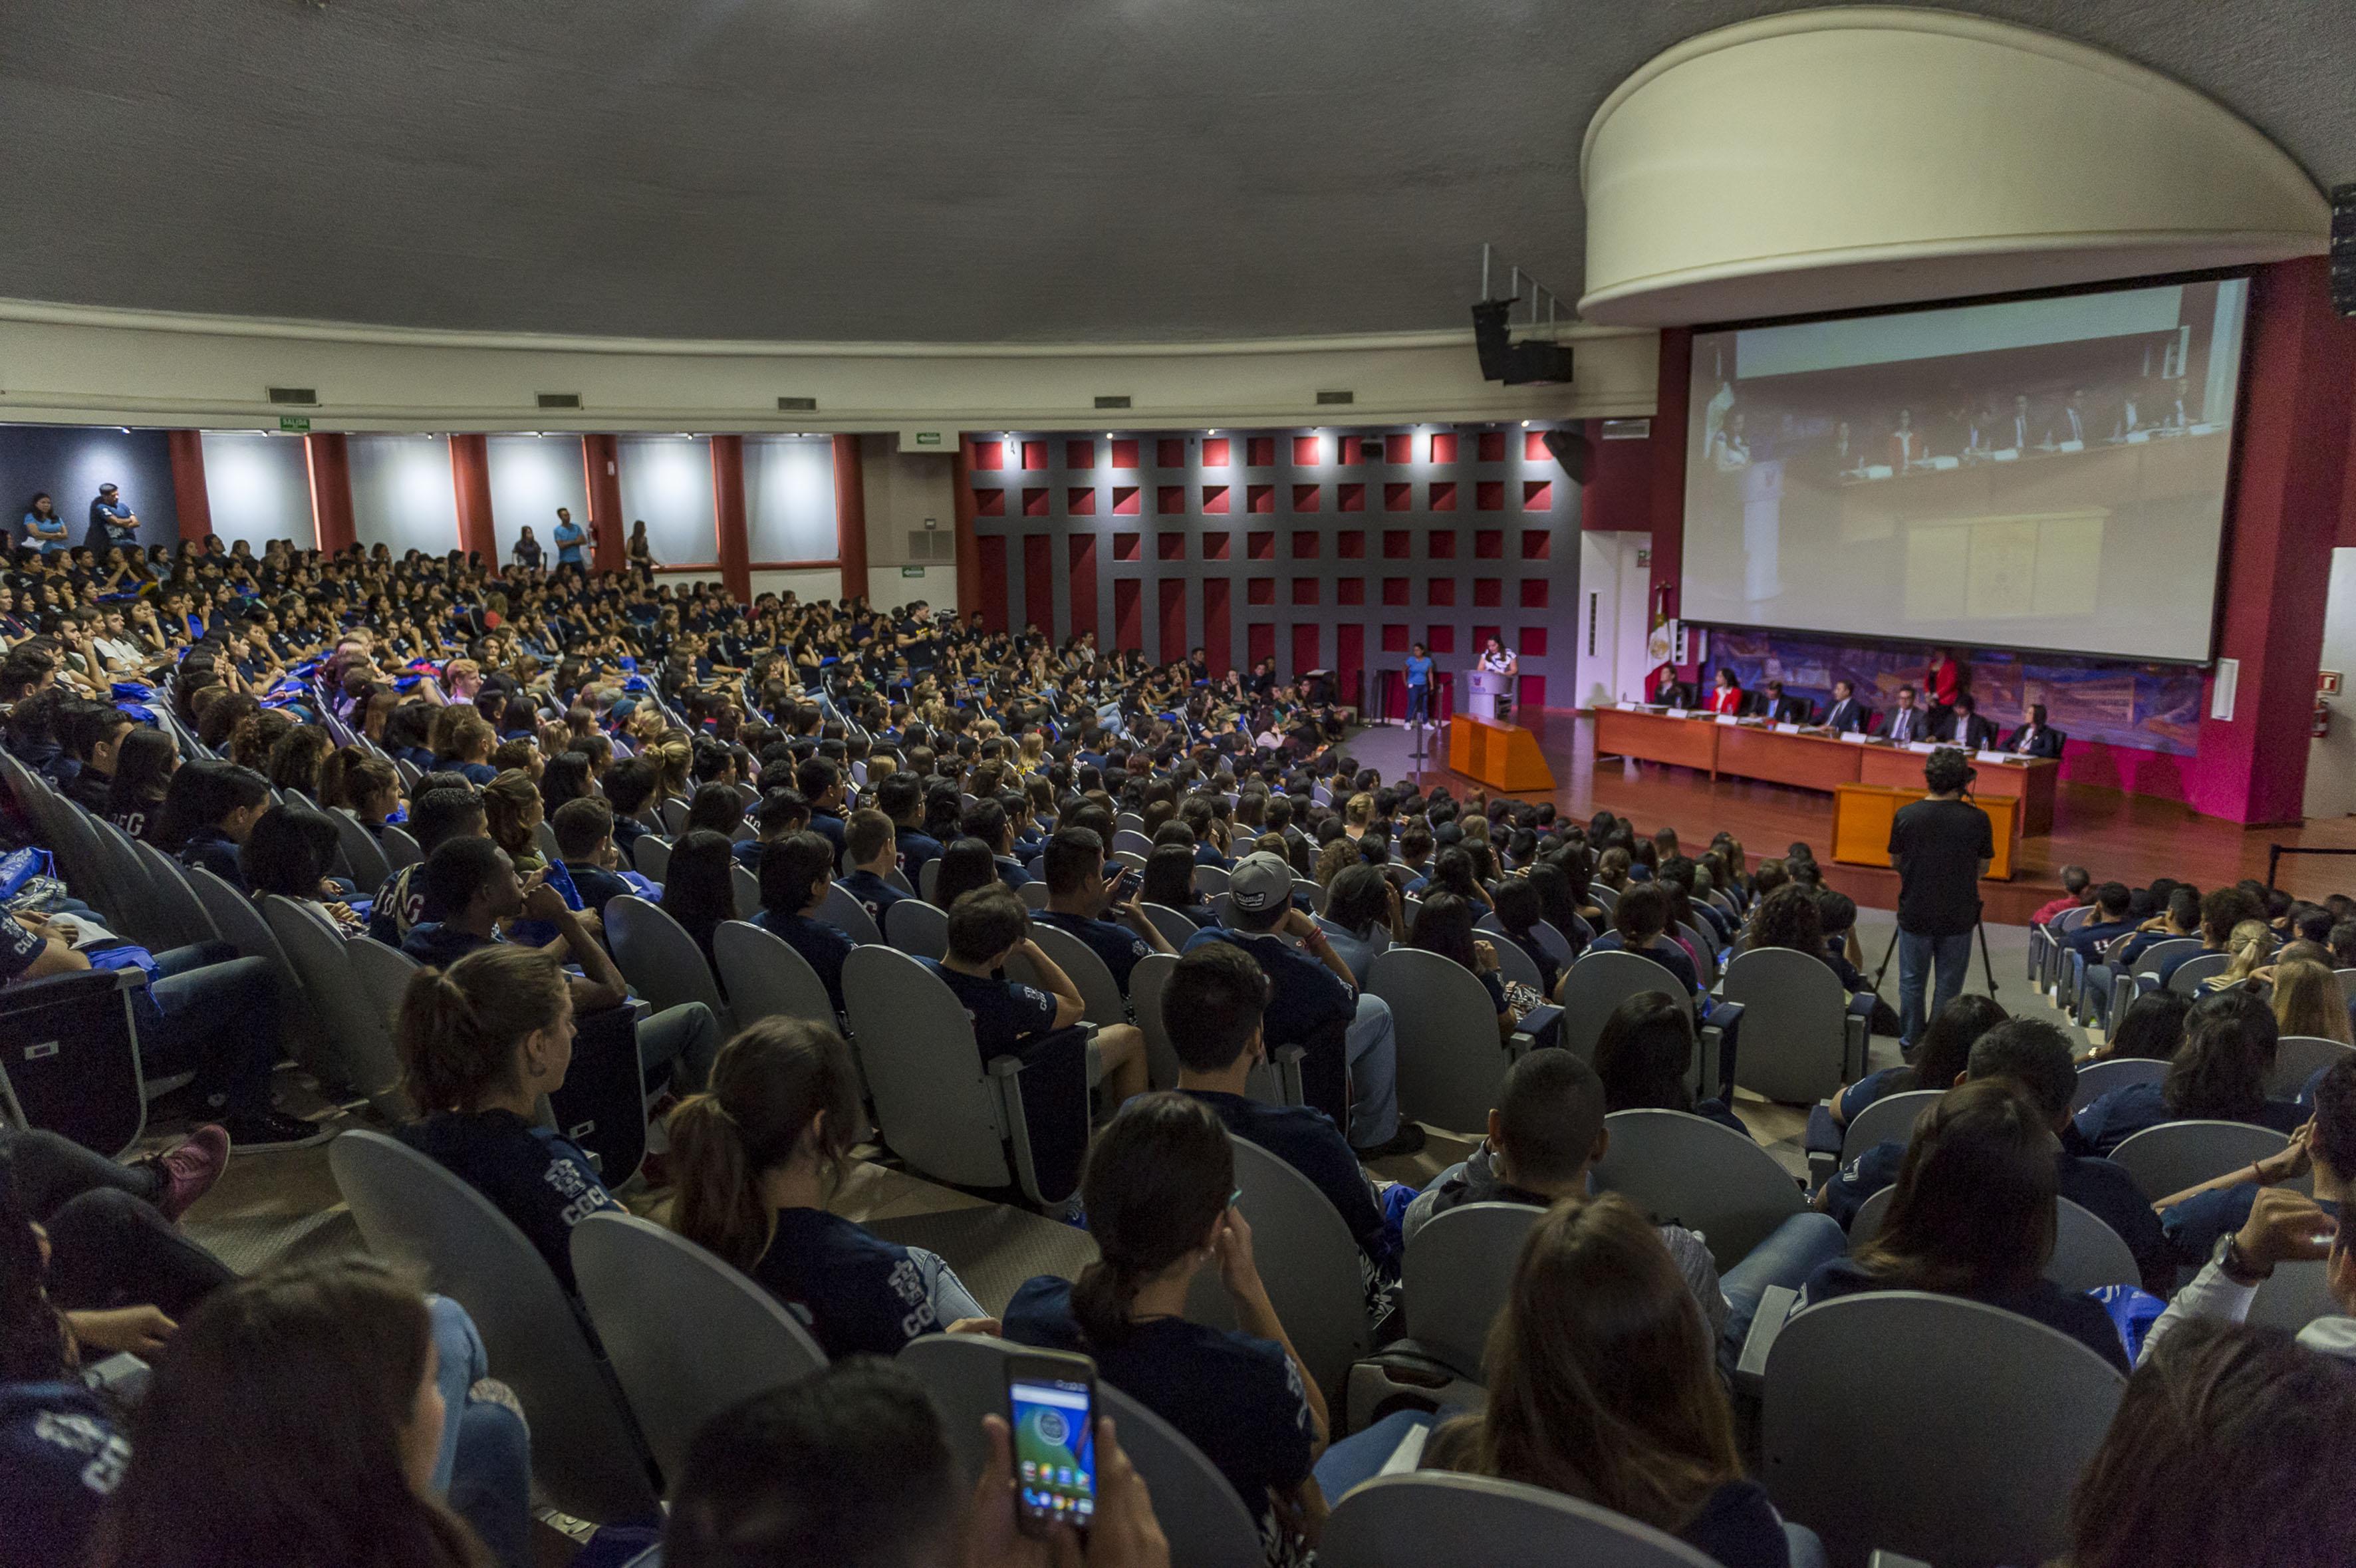 Bienvenida a estudiantes extranjeros en el Auditorio Cental del Centro Universitario de Ciencias de la Salud.